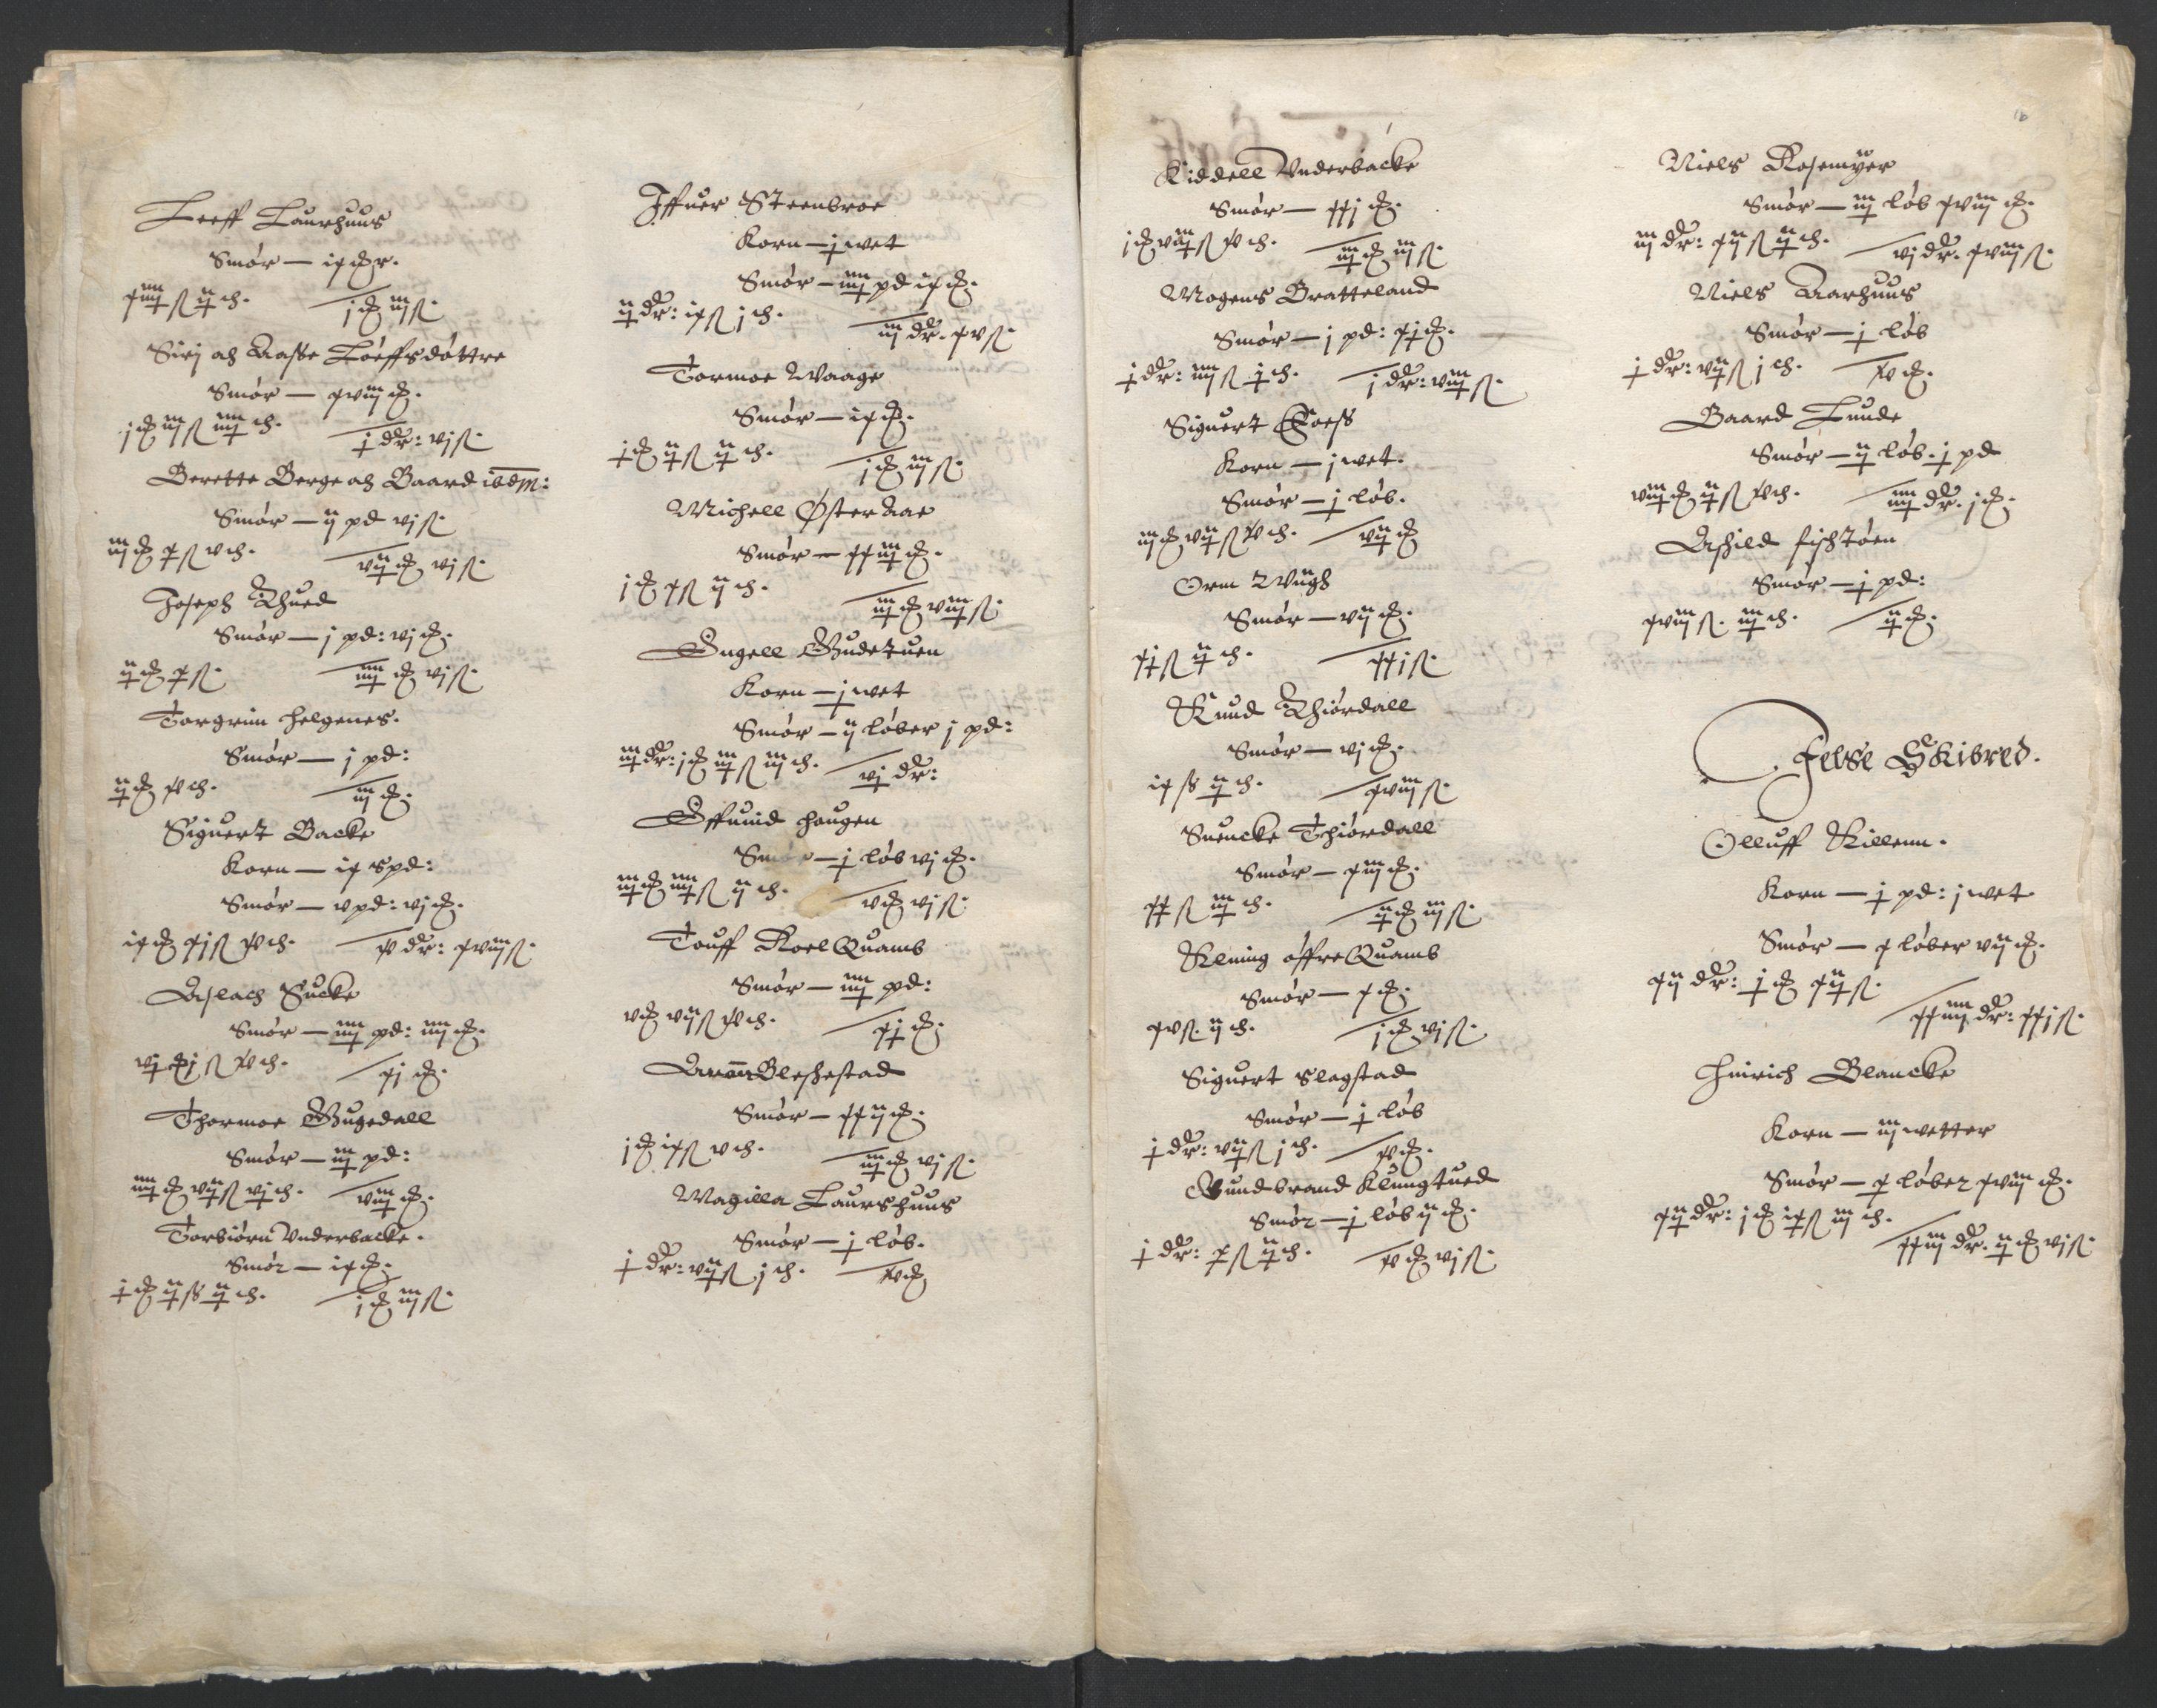 RA, Stattholderembetet 1572-1771, Ek/L0010: Jordebøker til utlikning av rosstjeneste 1624-1626:, 1624-1626, s. 81